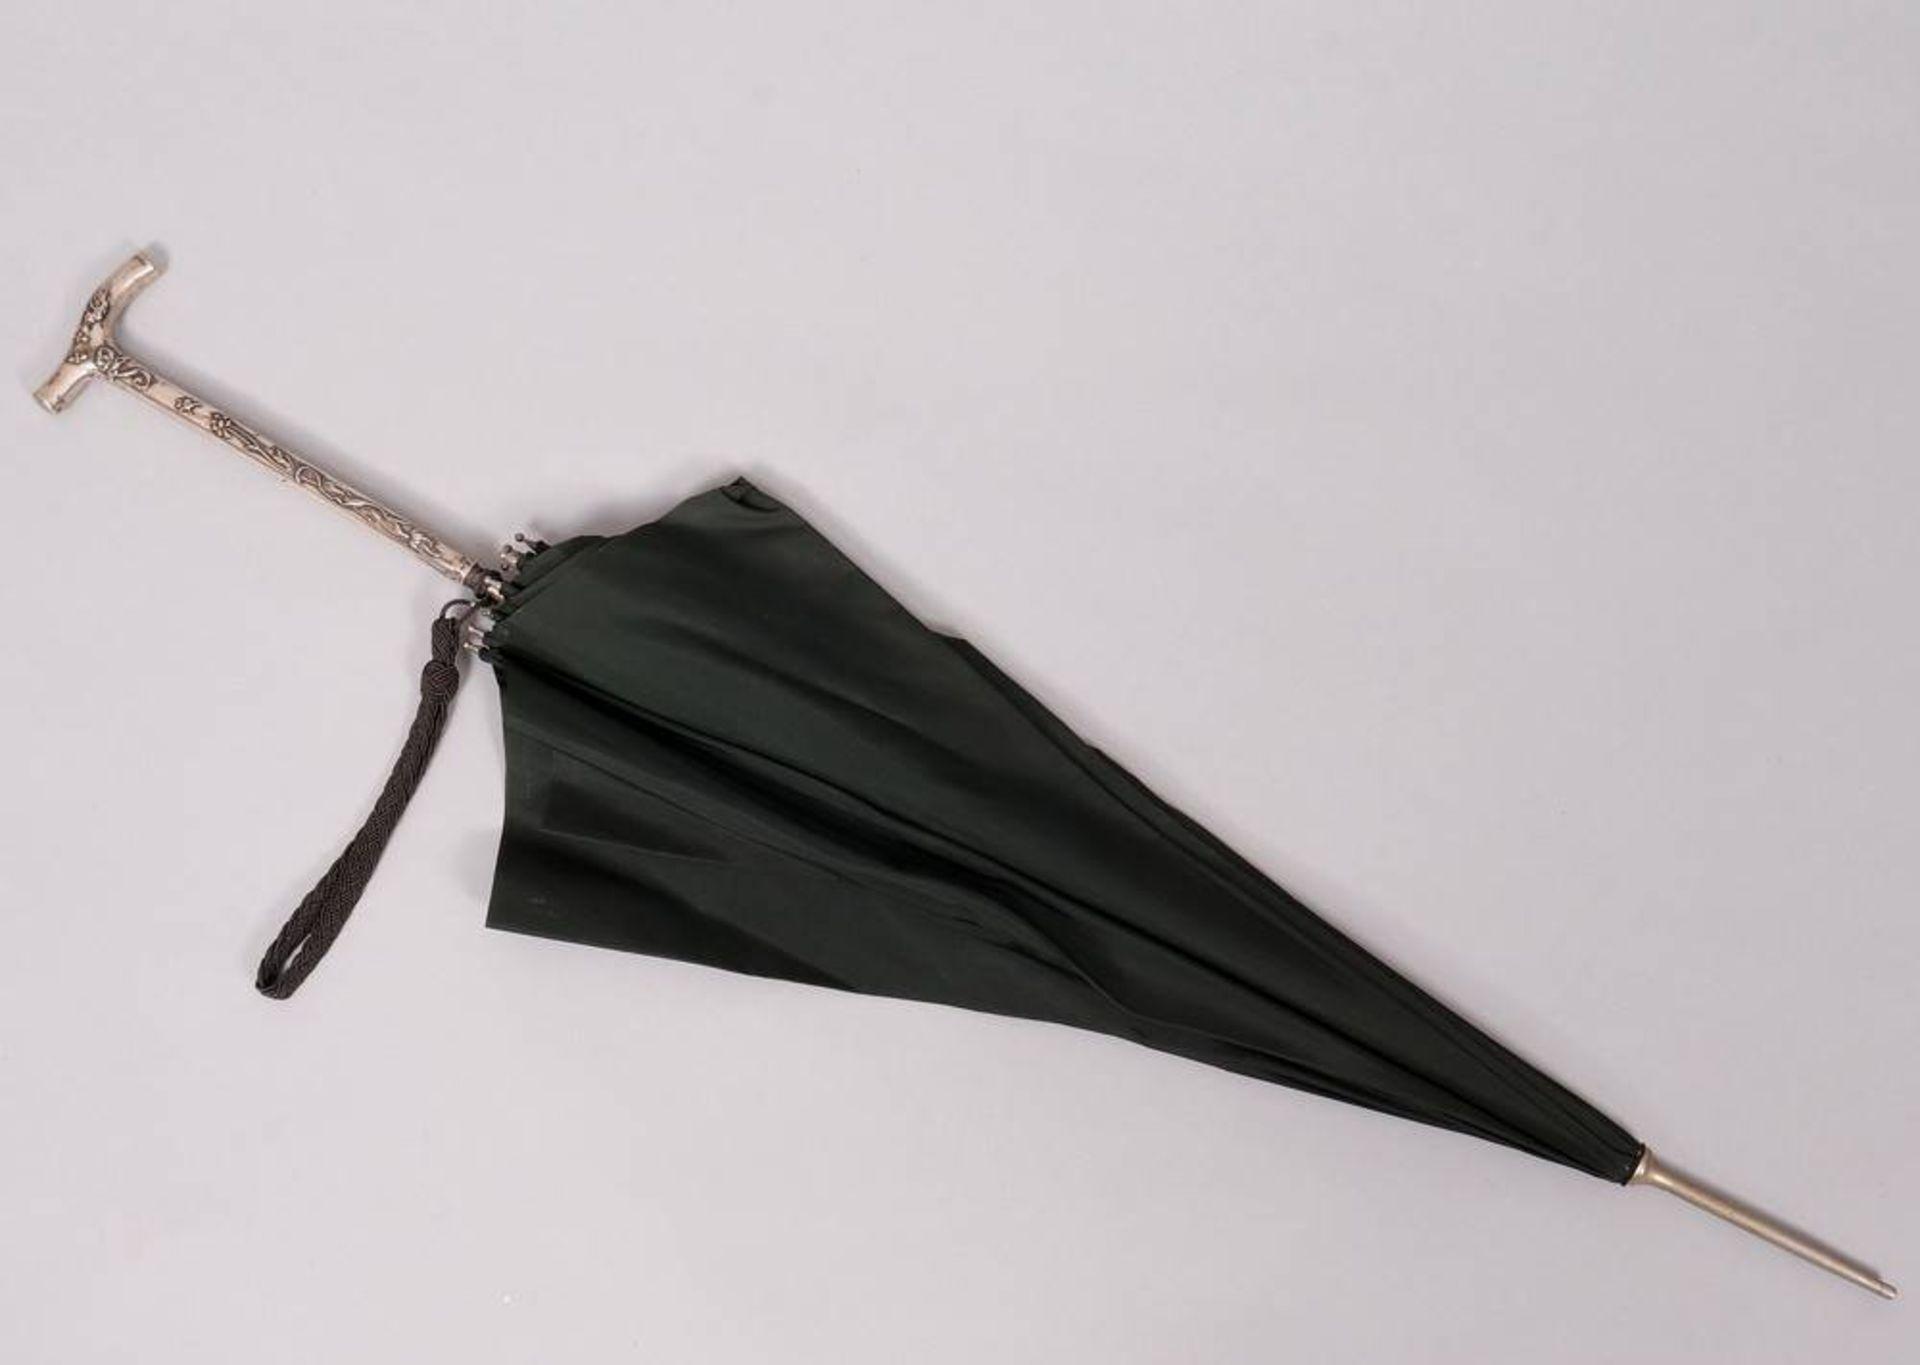 Jugendstil-Sonnenschirm, wohl deutsch, um 1900 - Image 2 of 3